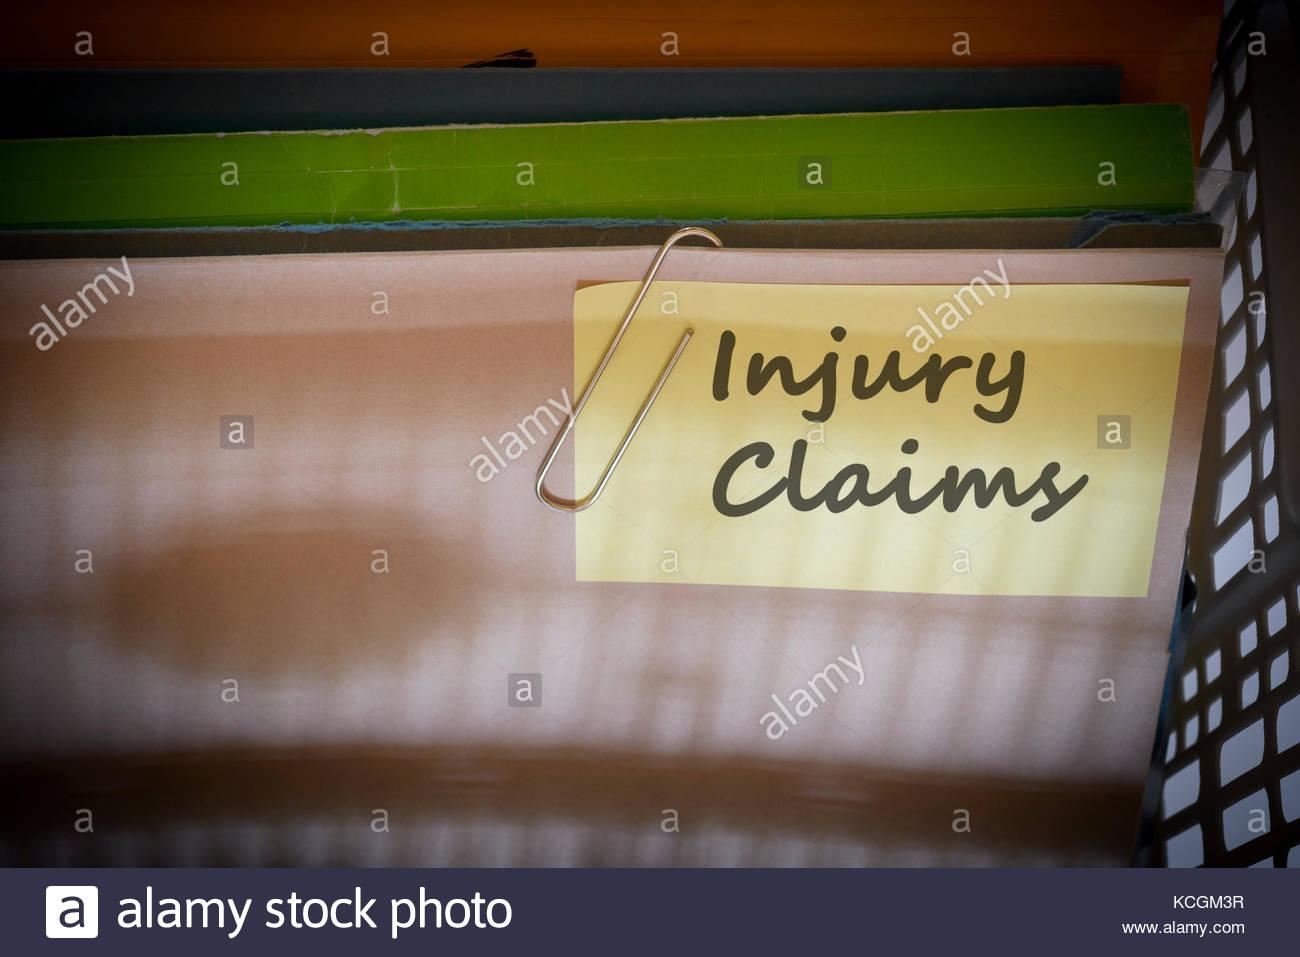 Injury Claims written on document folder, Dorset, England. - Stock Image